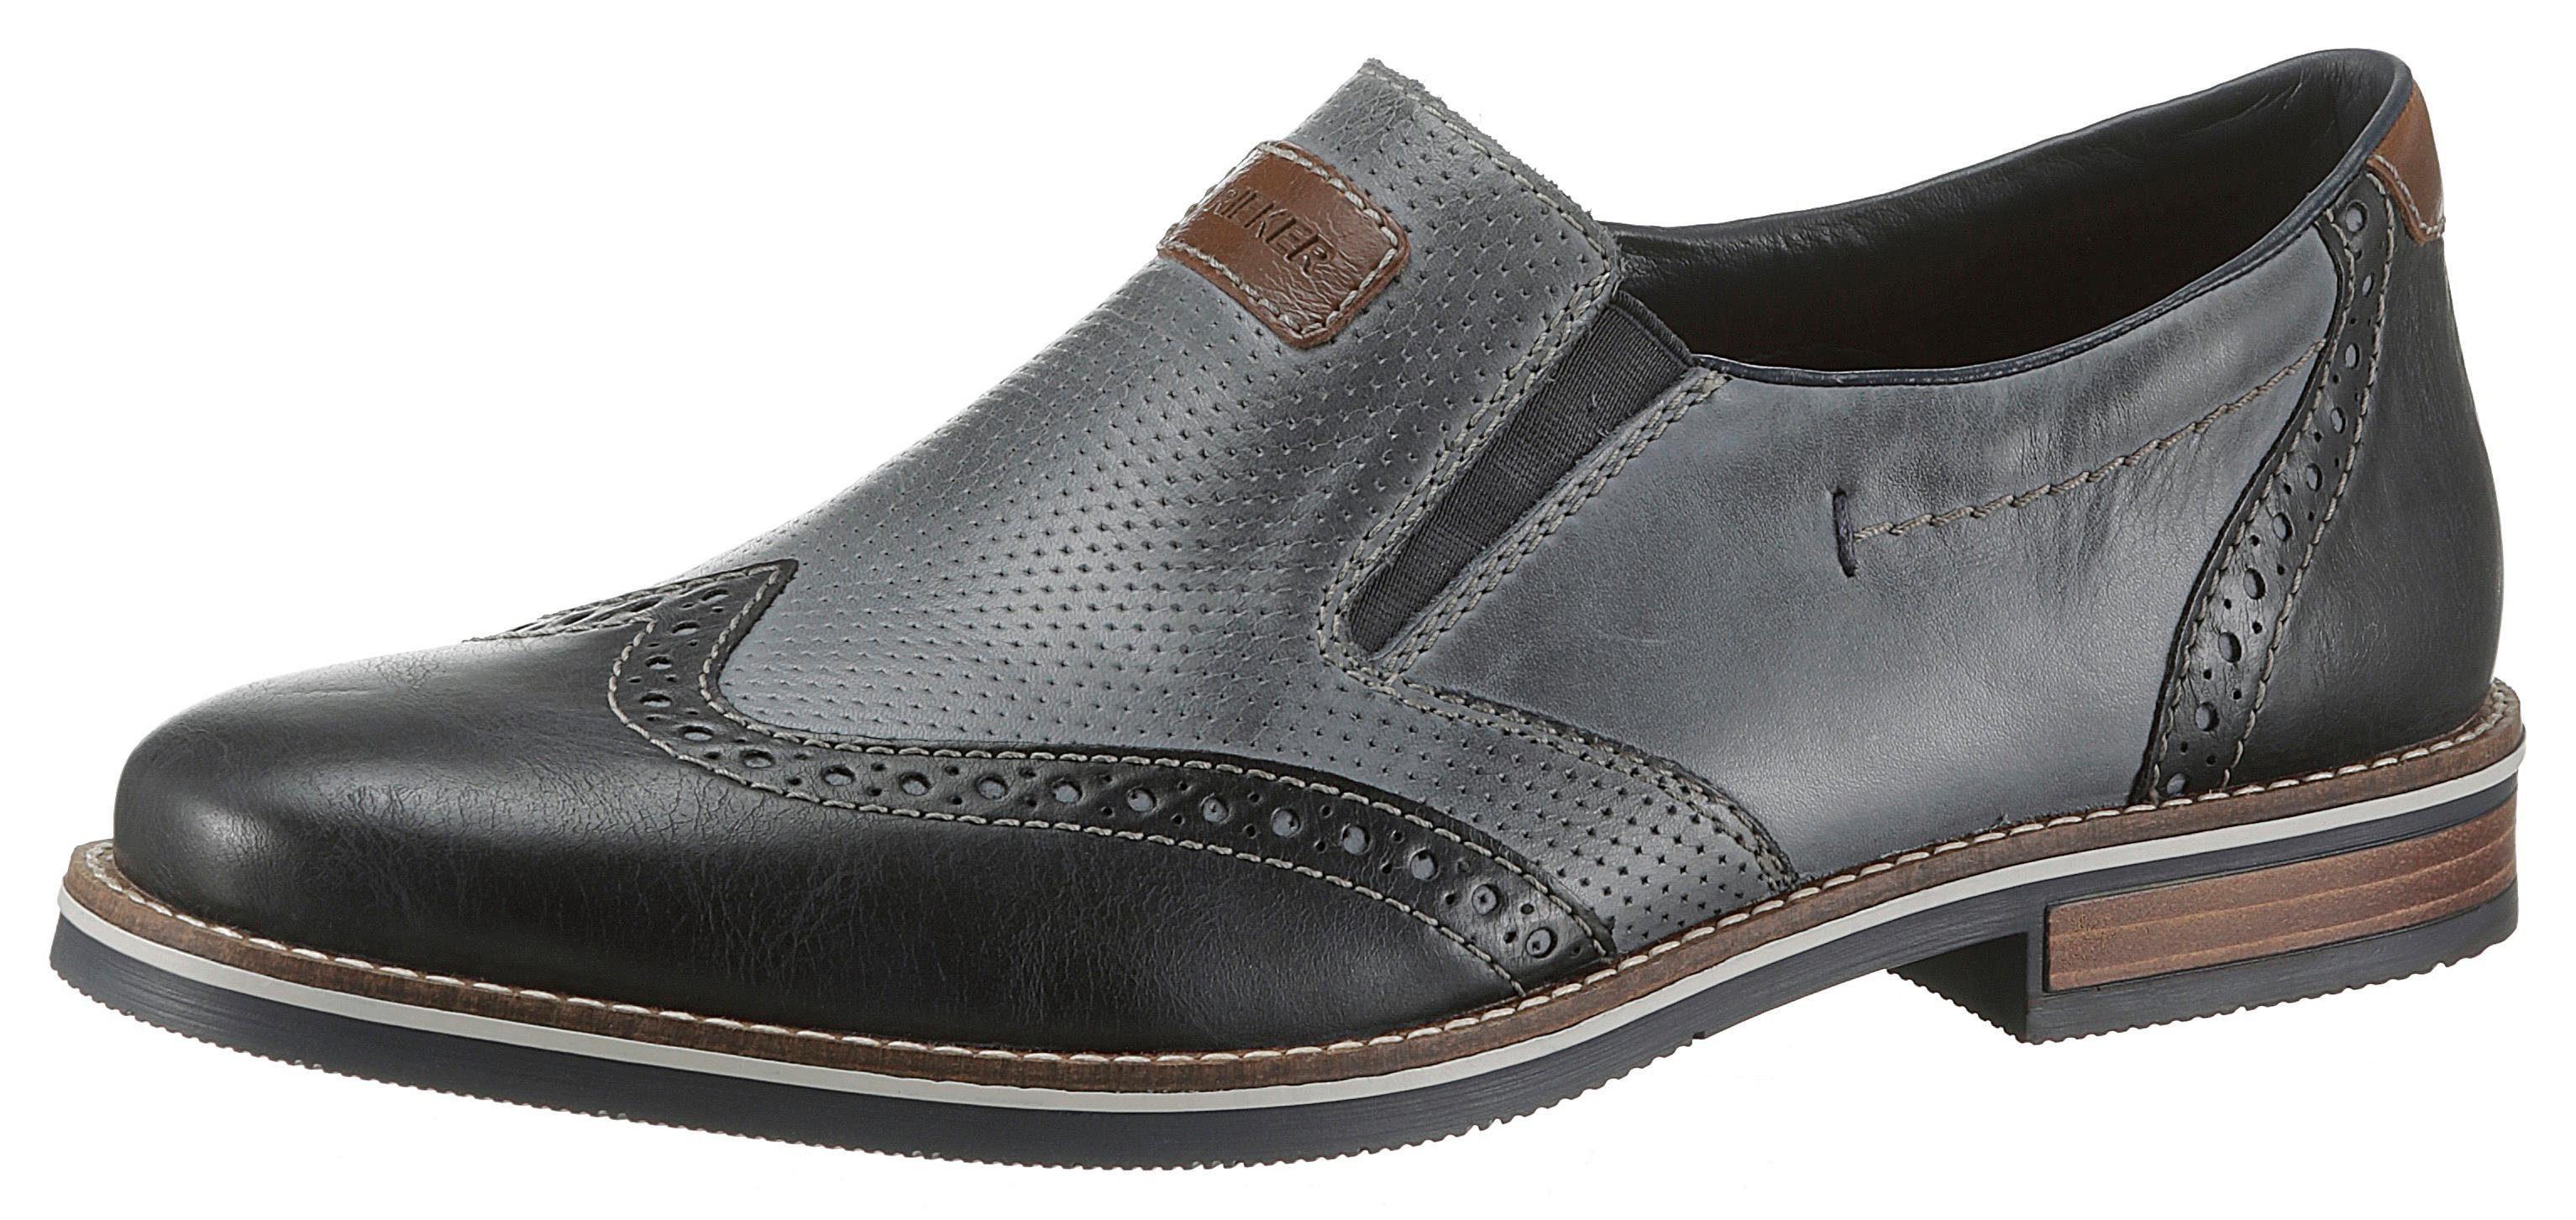 NEU Rieker Herrenschuhe Gr 45 Business Schuhe Slipper